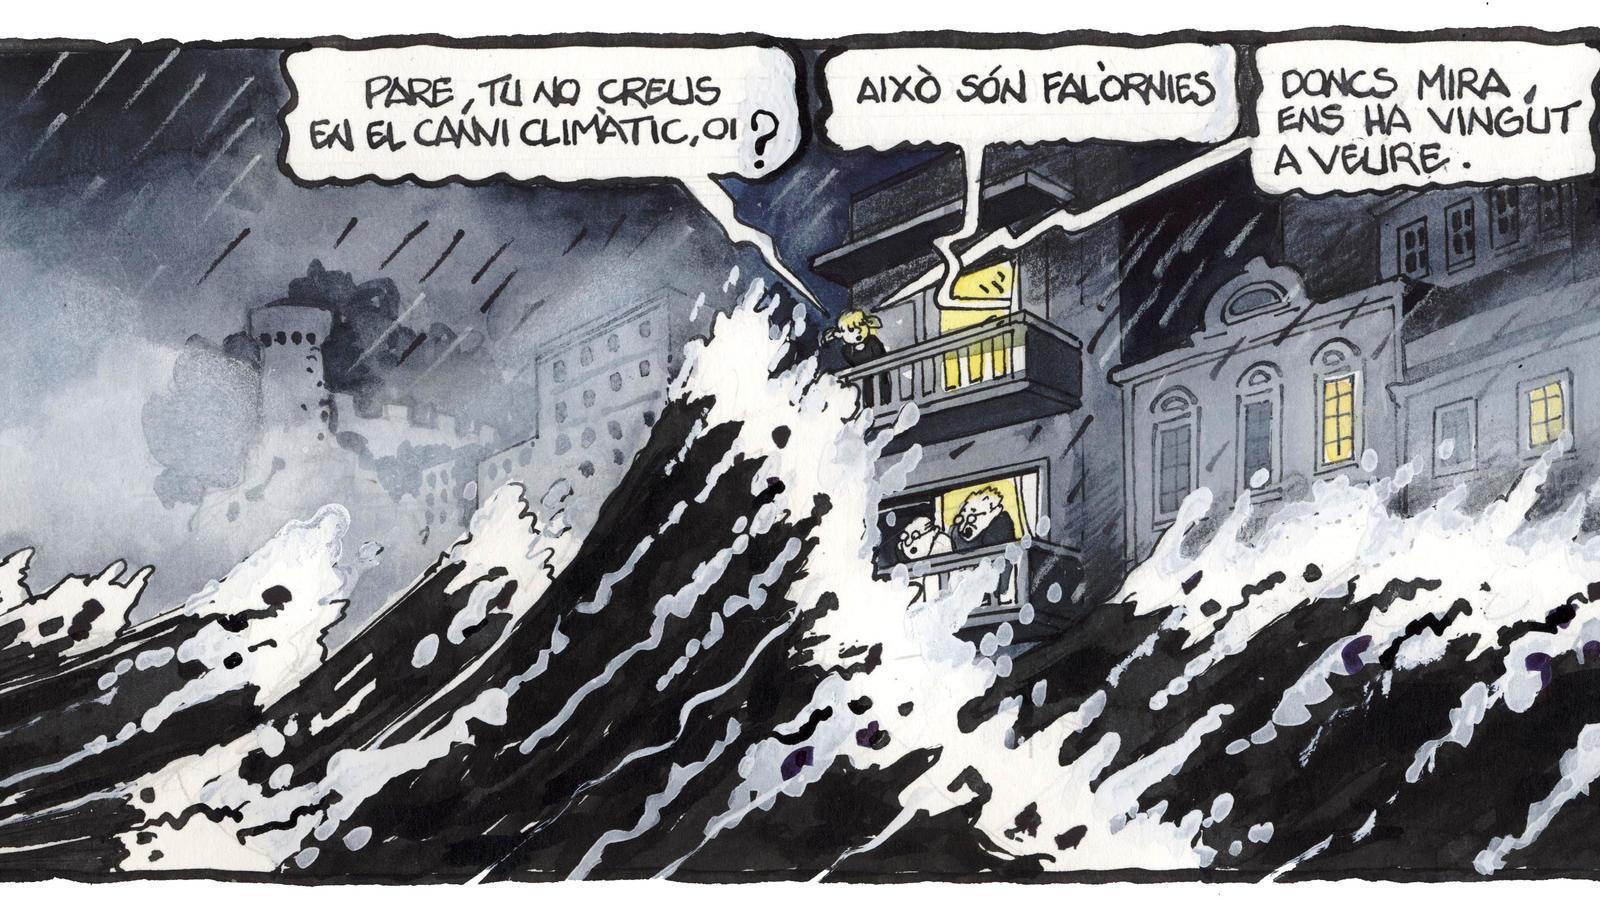 'A la contra', per Ferreres 23/01/2020